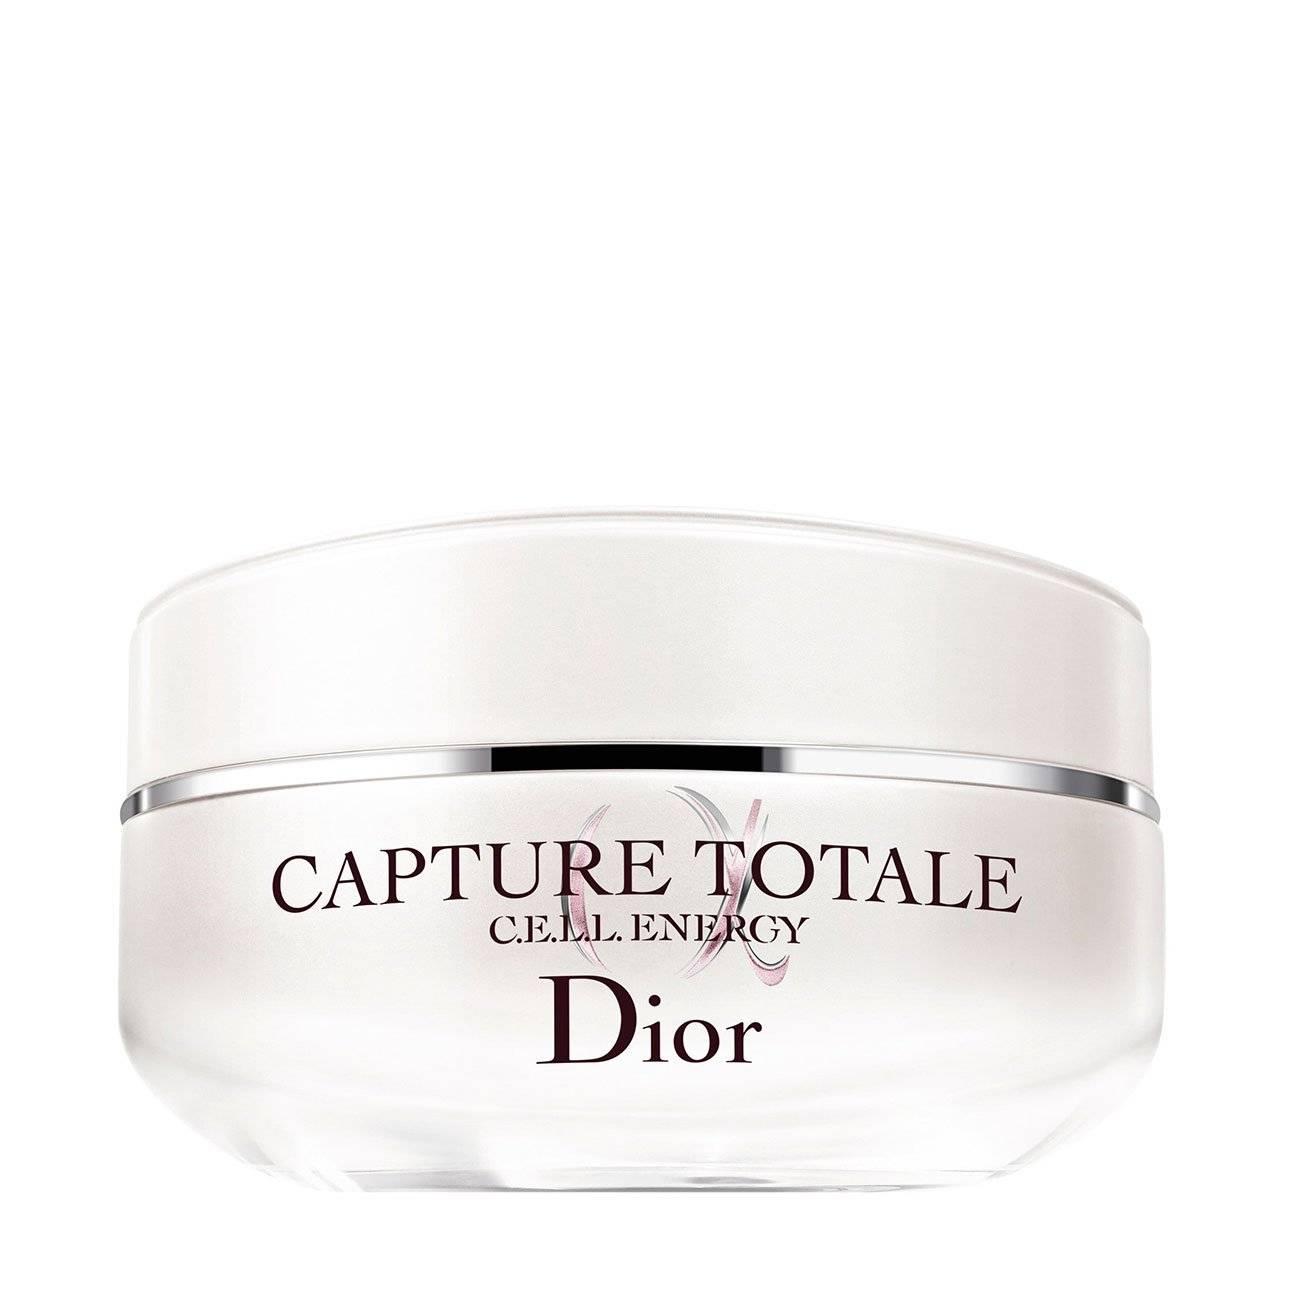 Capture Totale C.e.l.l. Energy Day Cream 50ml - Dior